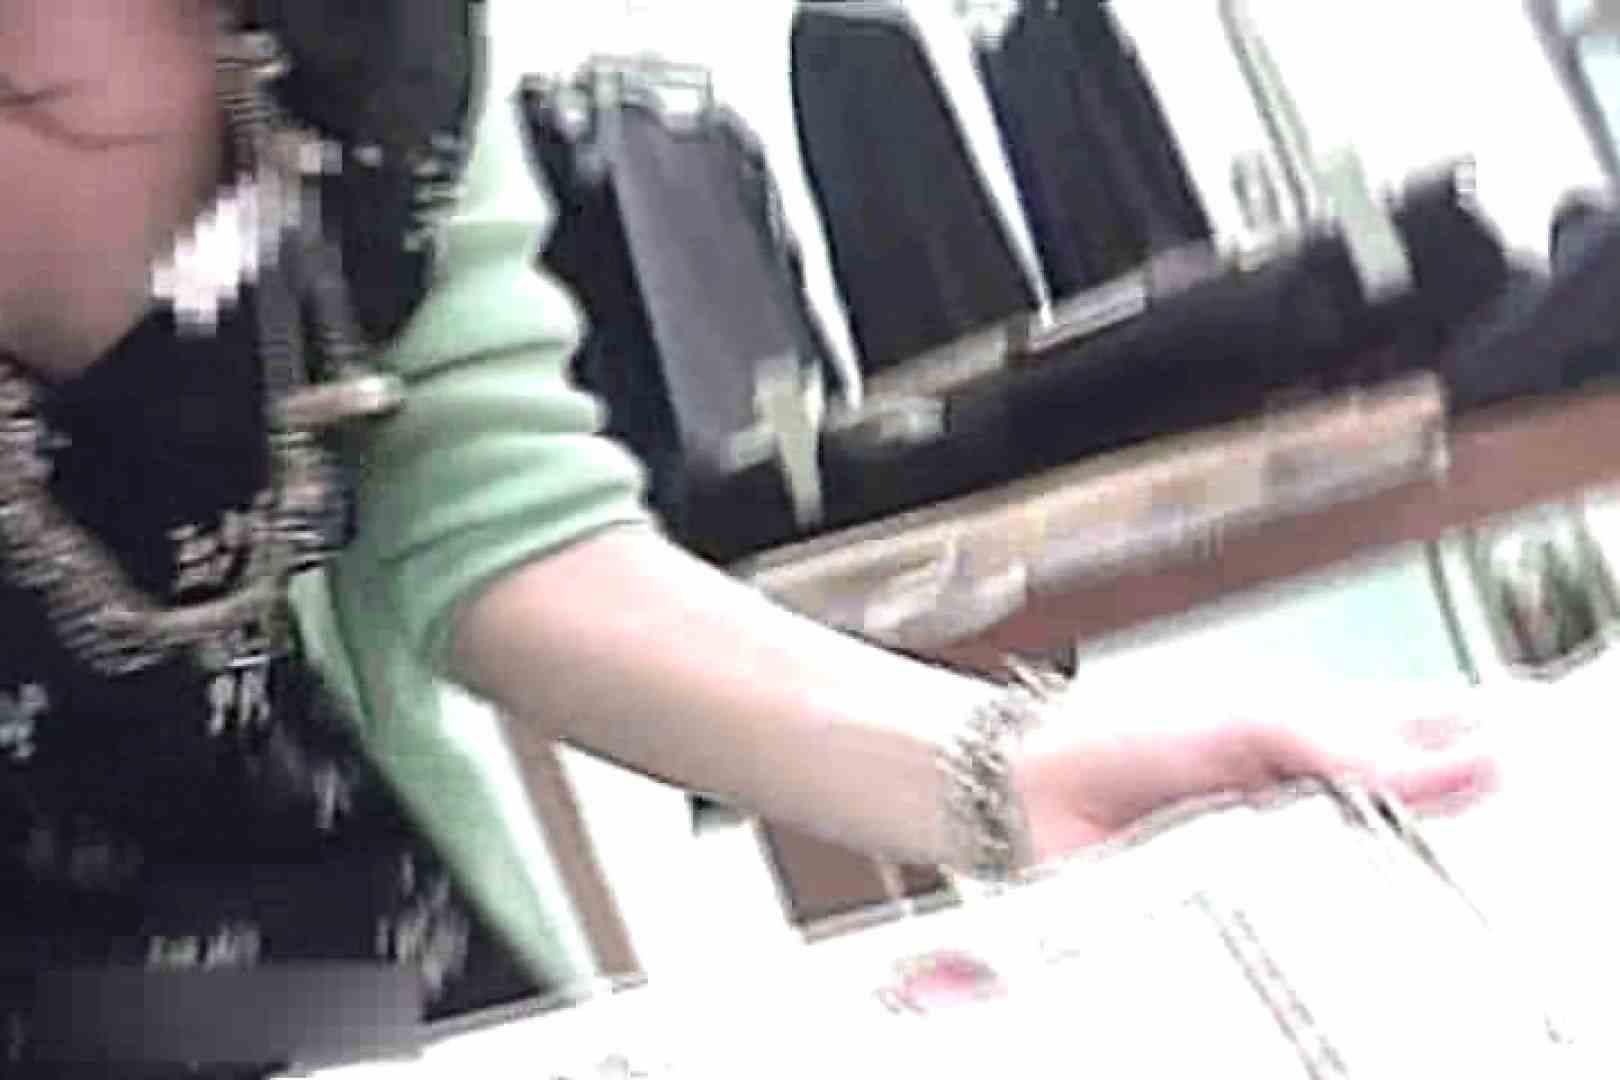 ショップ店員のパンチラアクシデント Vol.20 すけべなOL AV動画キャプチャ 109画像 94